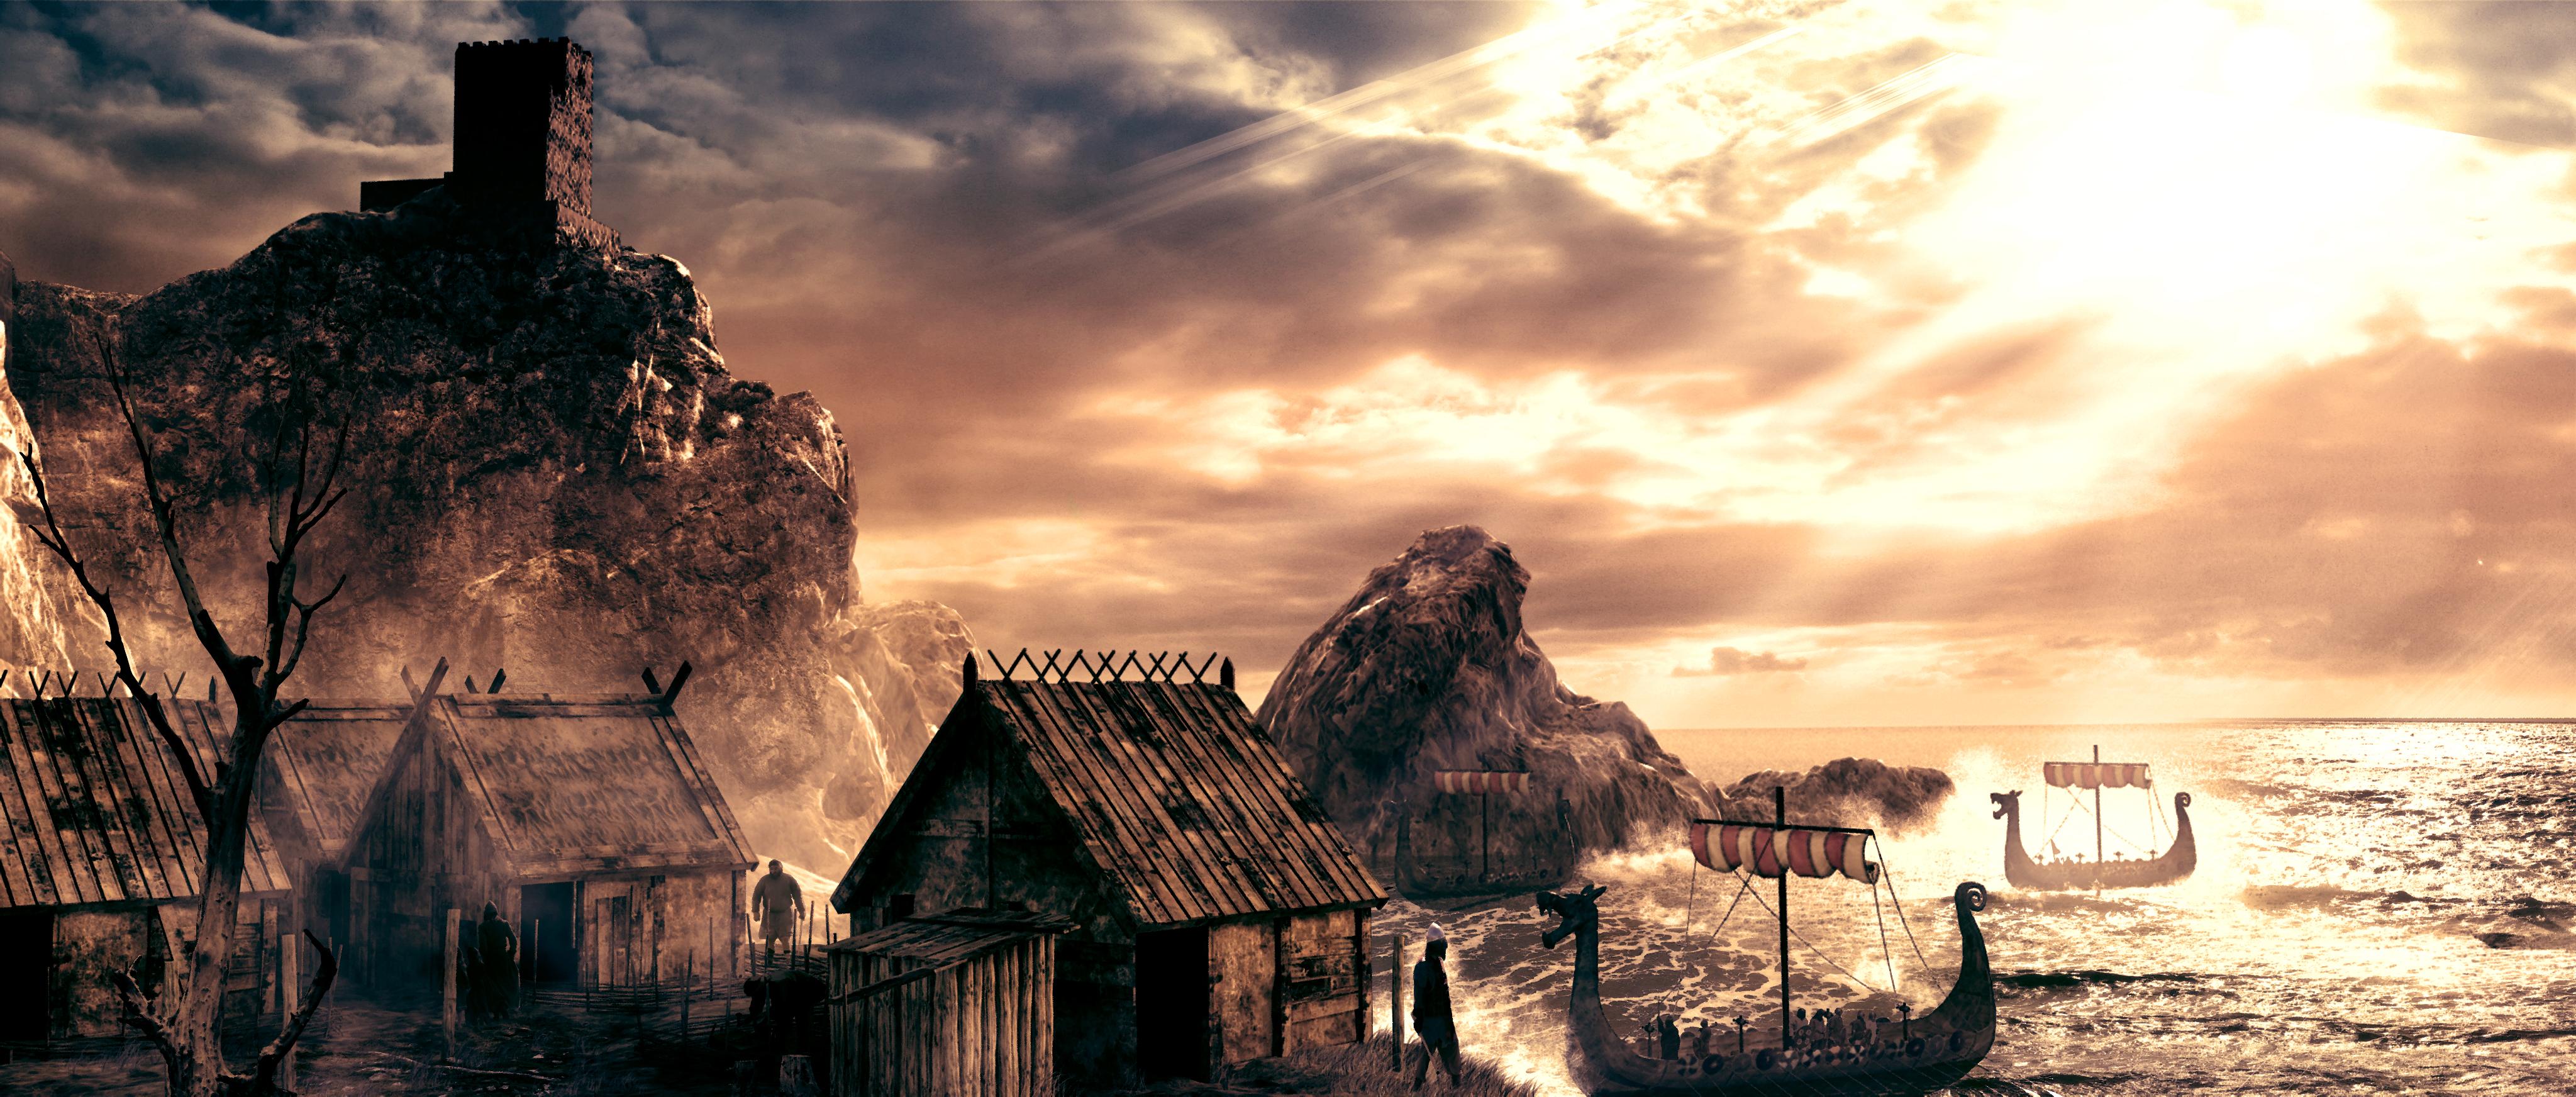 Highlander_Viking_Coastal_Village